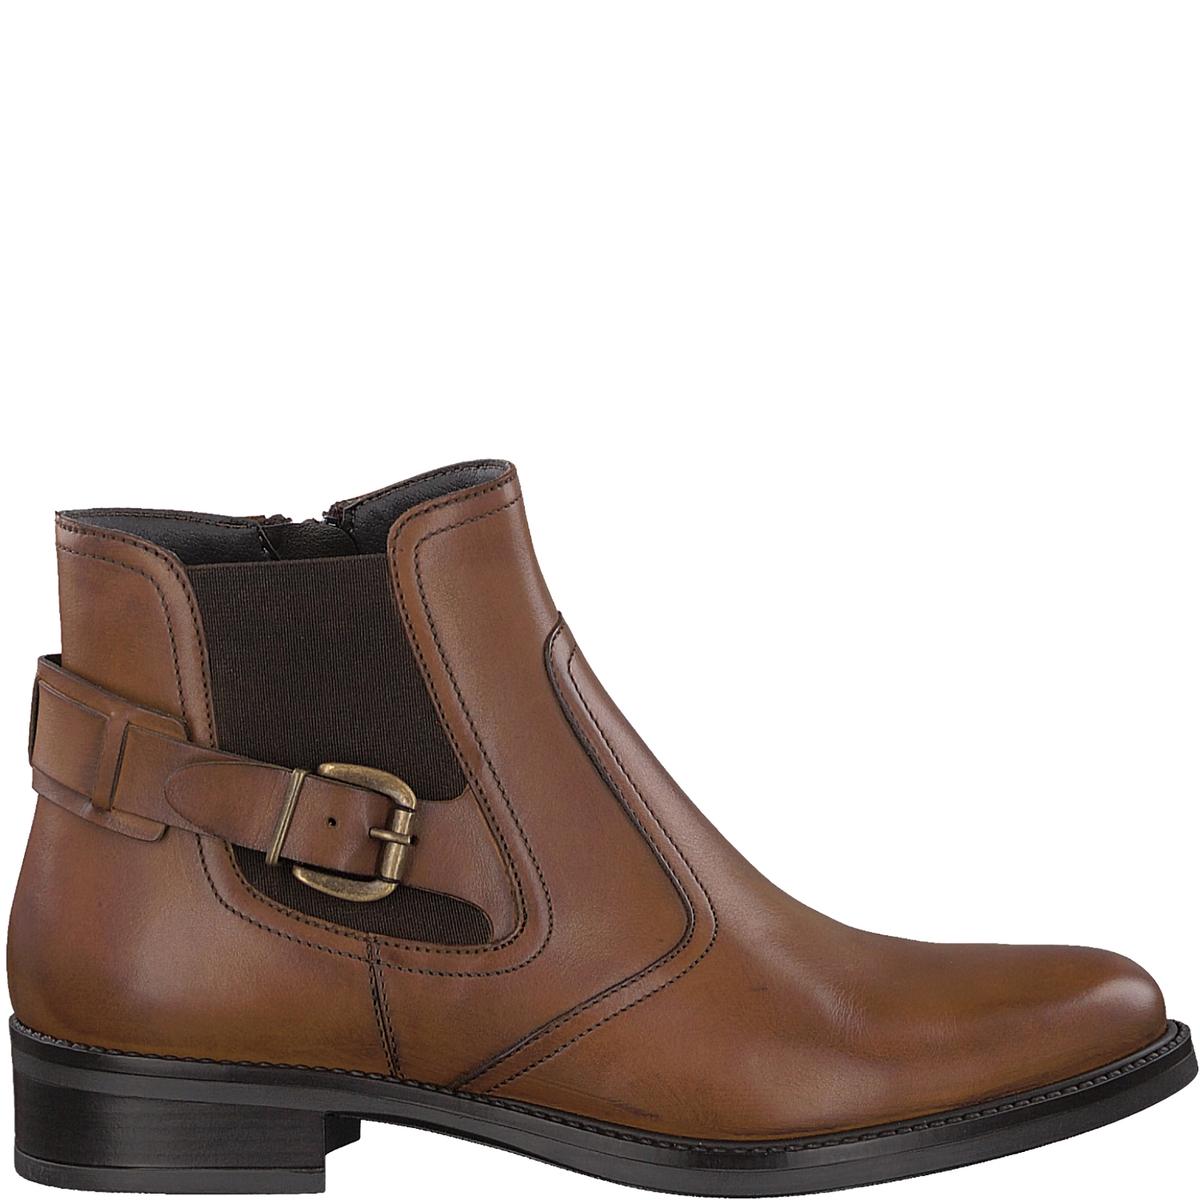 Ботильоны кожаные JessyДетали •  Высота голенища : 11 см для размера 37 •  Высота каблука : 2,5 см •  Застежка : на молнию •  Круглый мысокСостав и уход •  Верх 100% кожа •  Подкладка 100% текстиль •  Стелька 100% текстиль •  Подошва 100% синтетический материал<br><br>Цвет: коньячный,черный